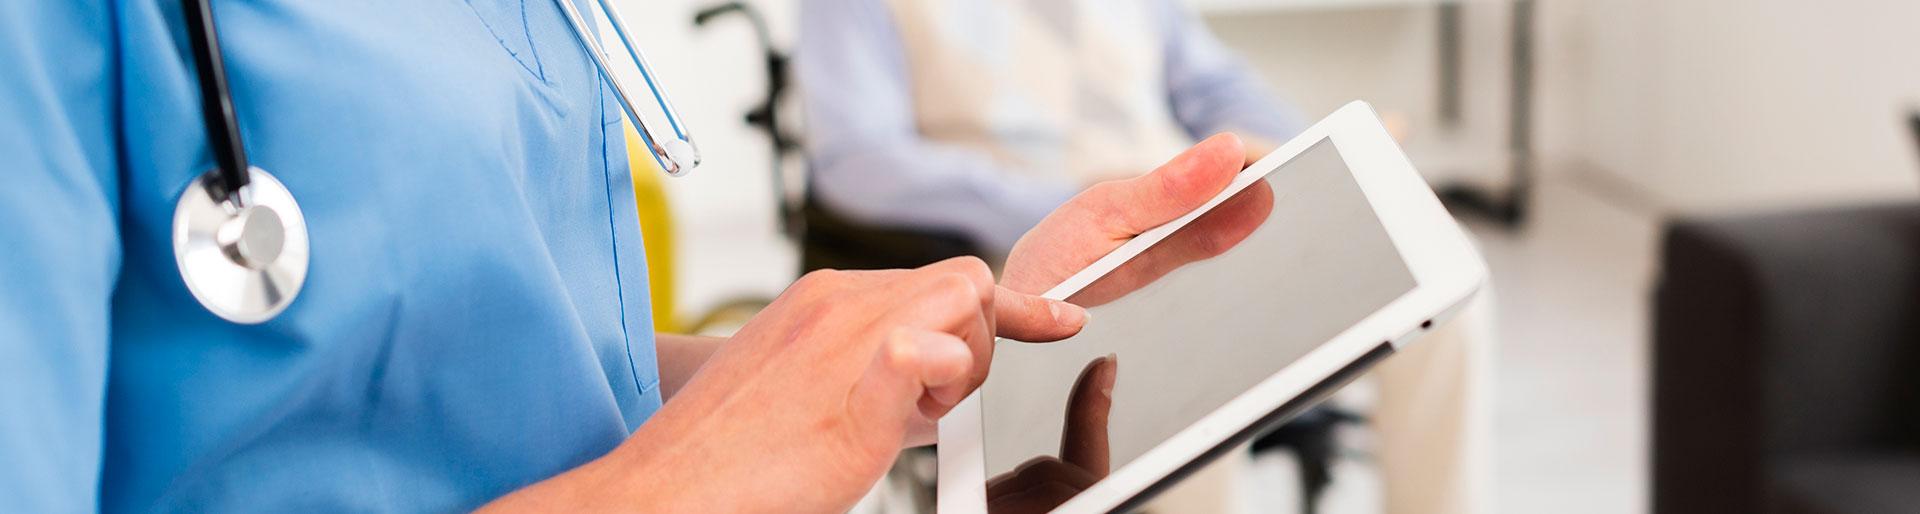 Bac Pro SAPAT - Femme sur une tablette maison de retraite